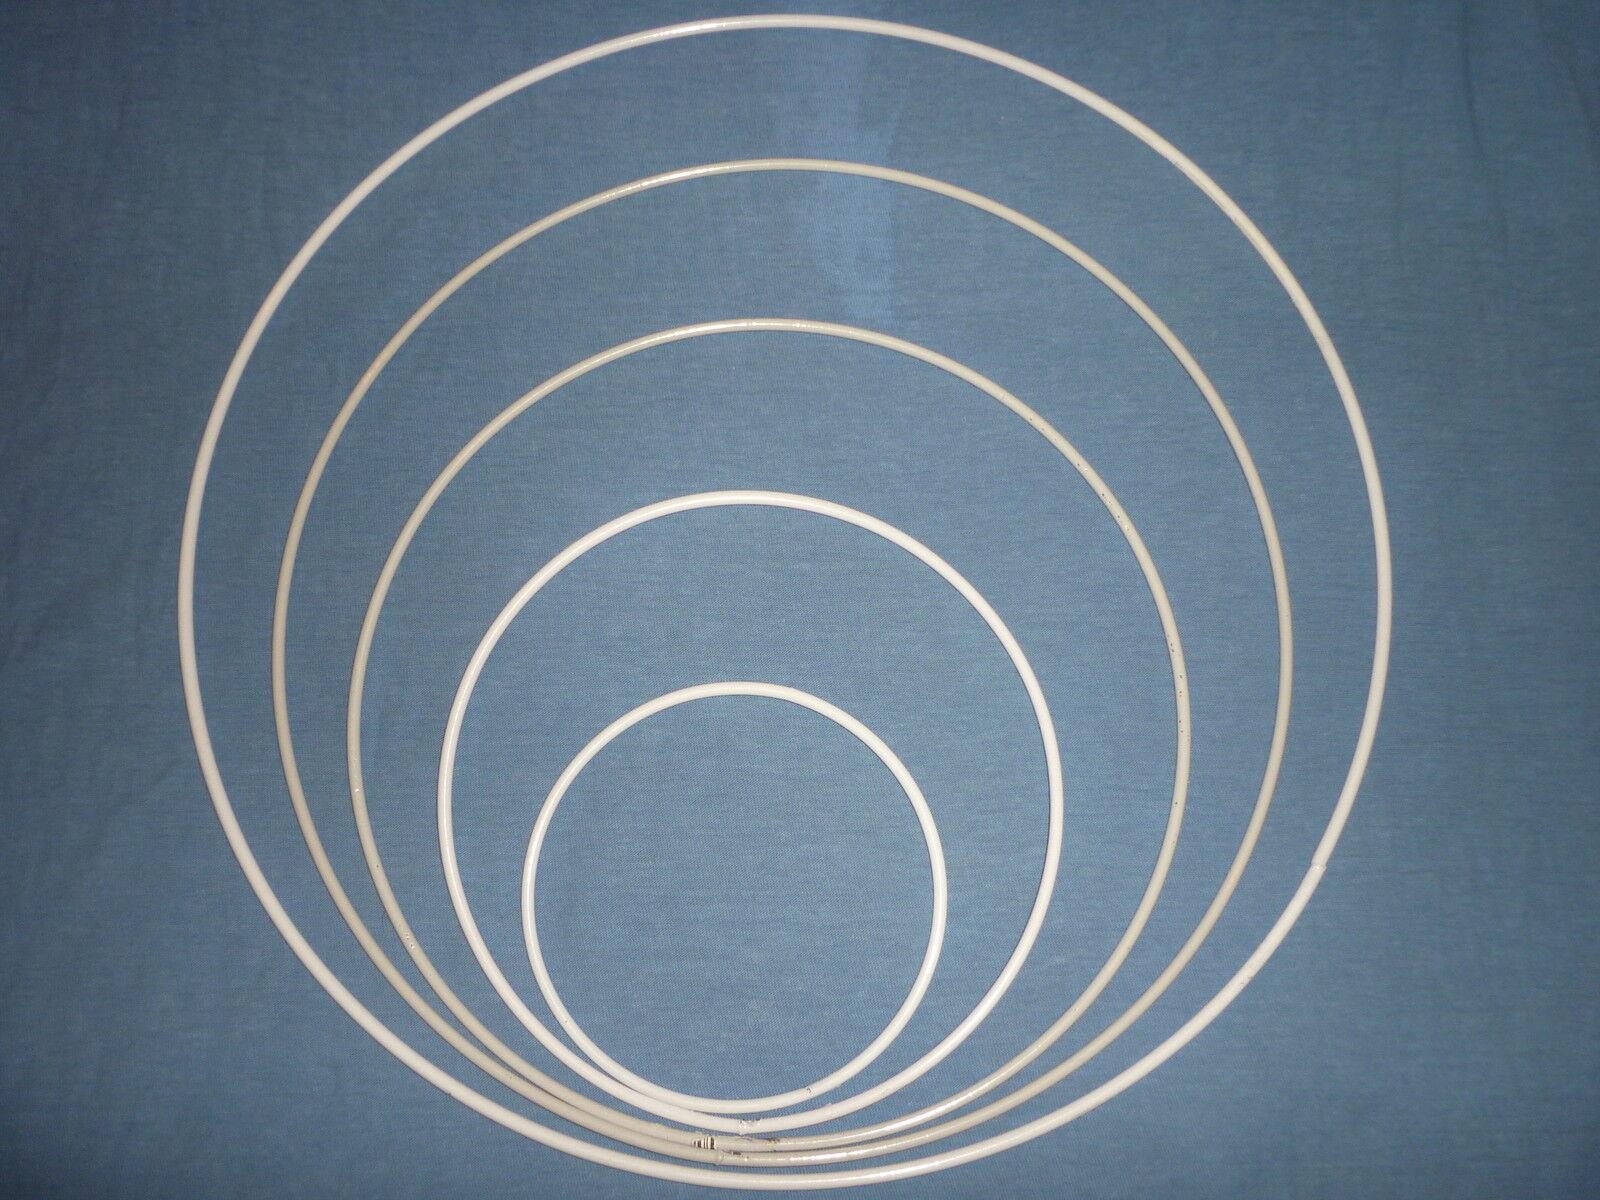 (1,50Stück) 2x Drahtringe, 20cm, Fensterbilder, Traumfänger